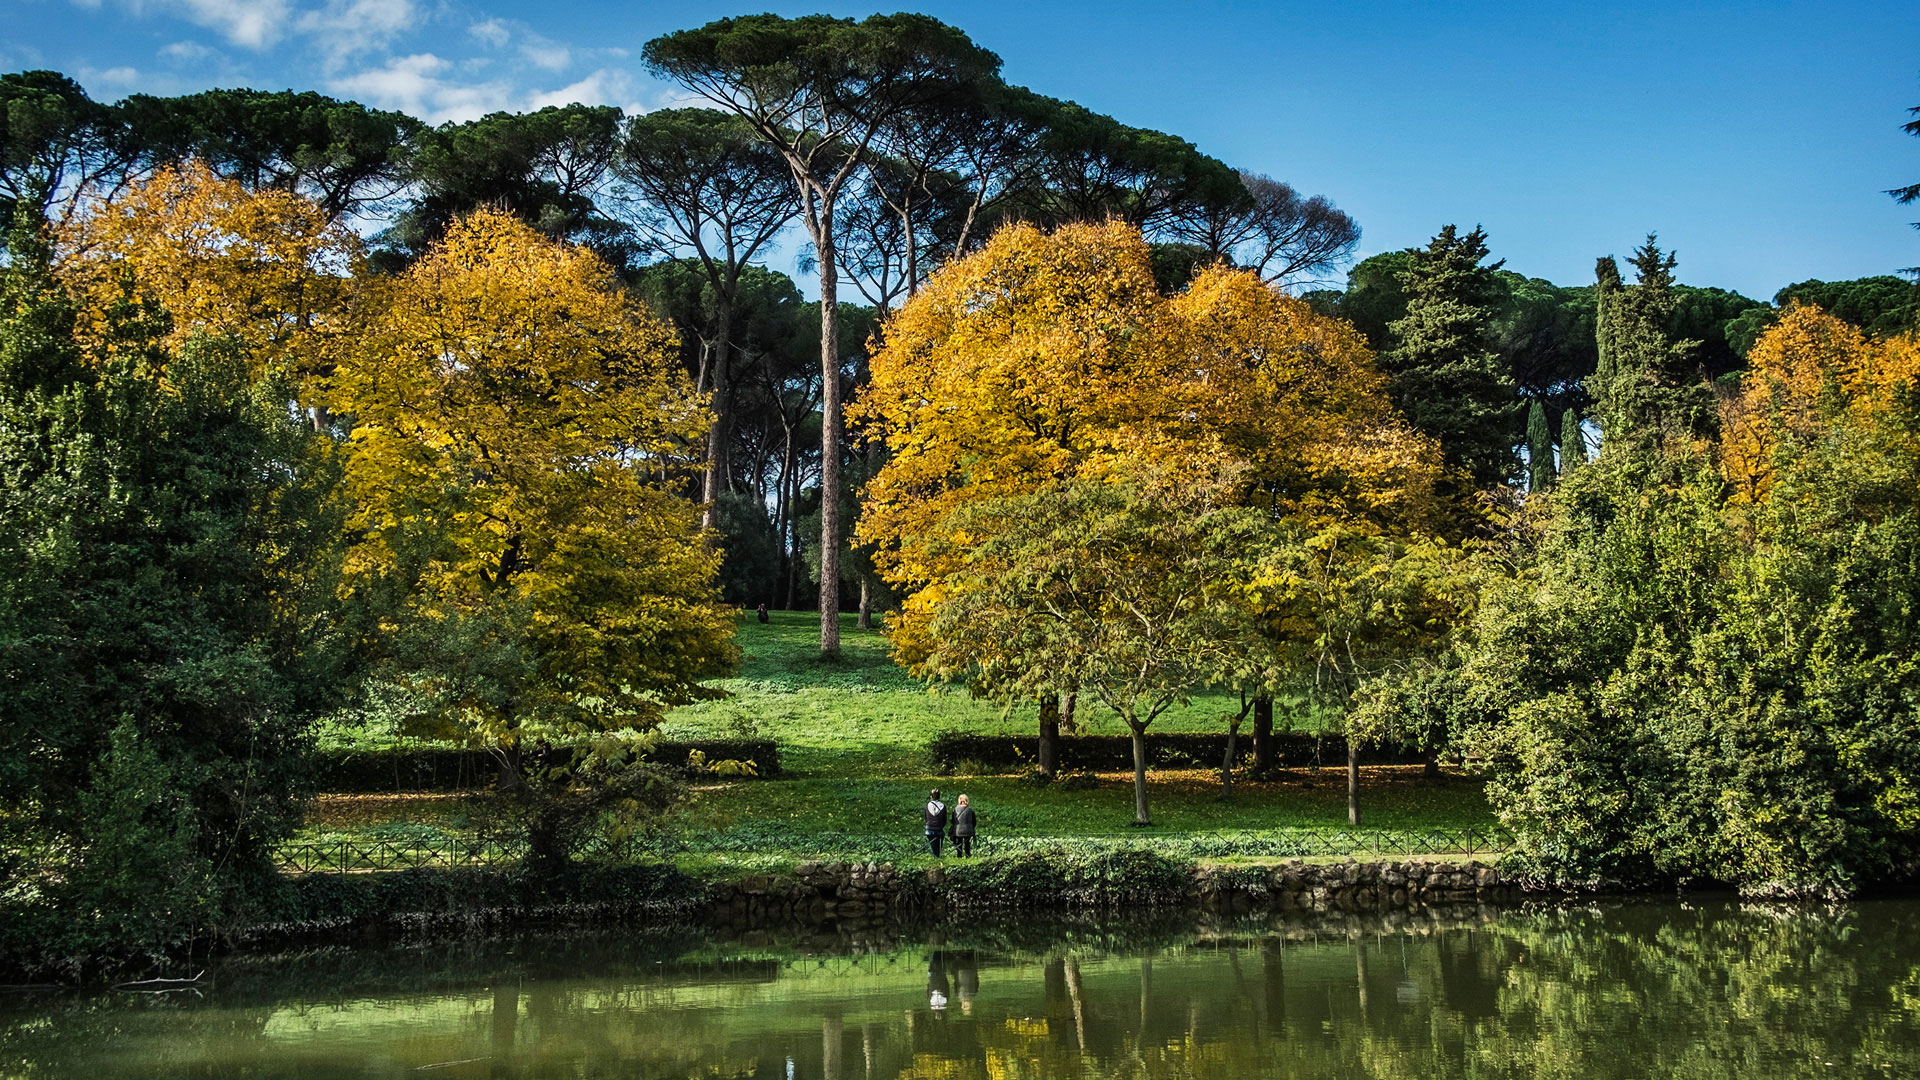 Villa Ada Savoia: uno splendido giardino all'inglese nel cuore di Roma